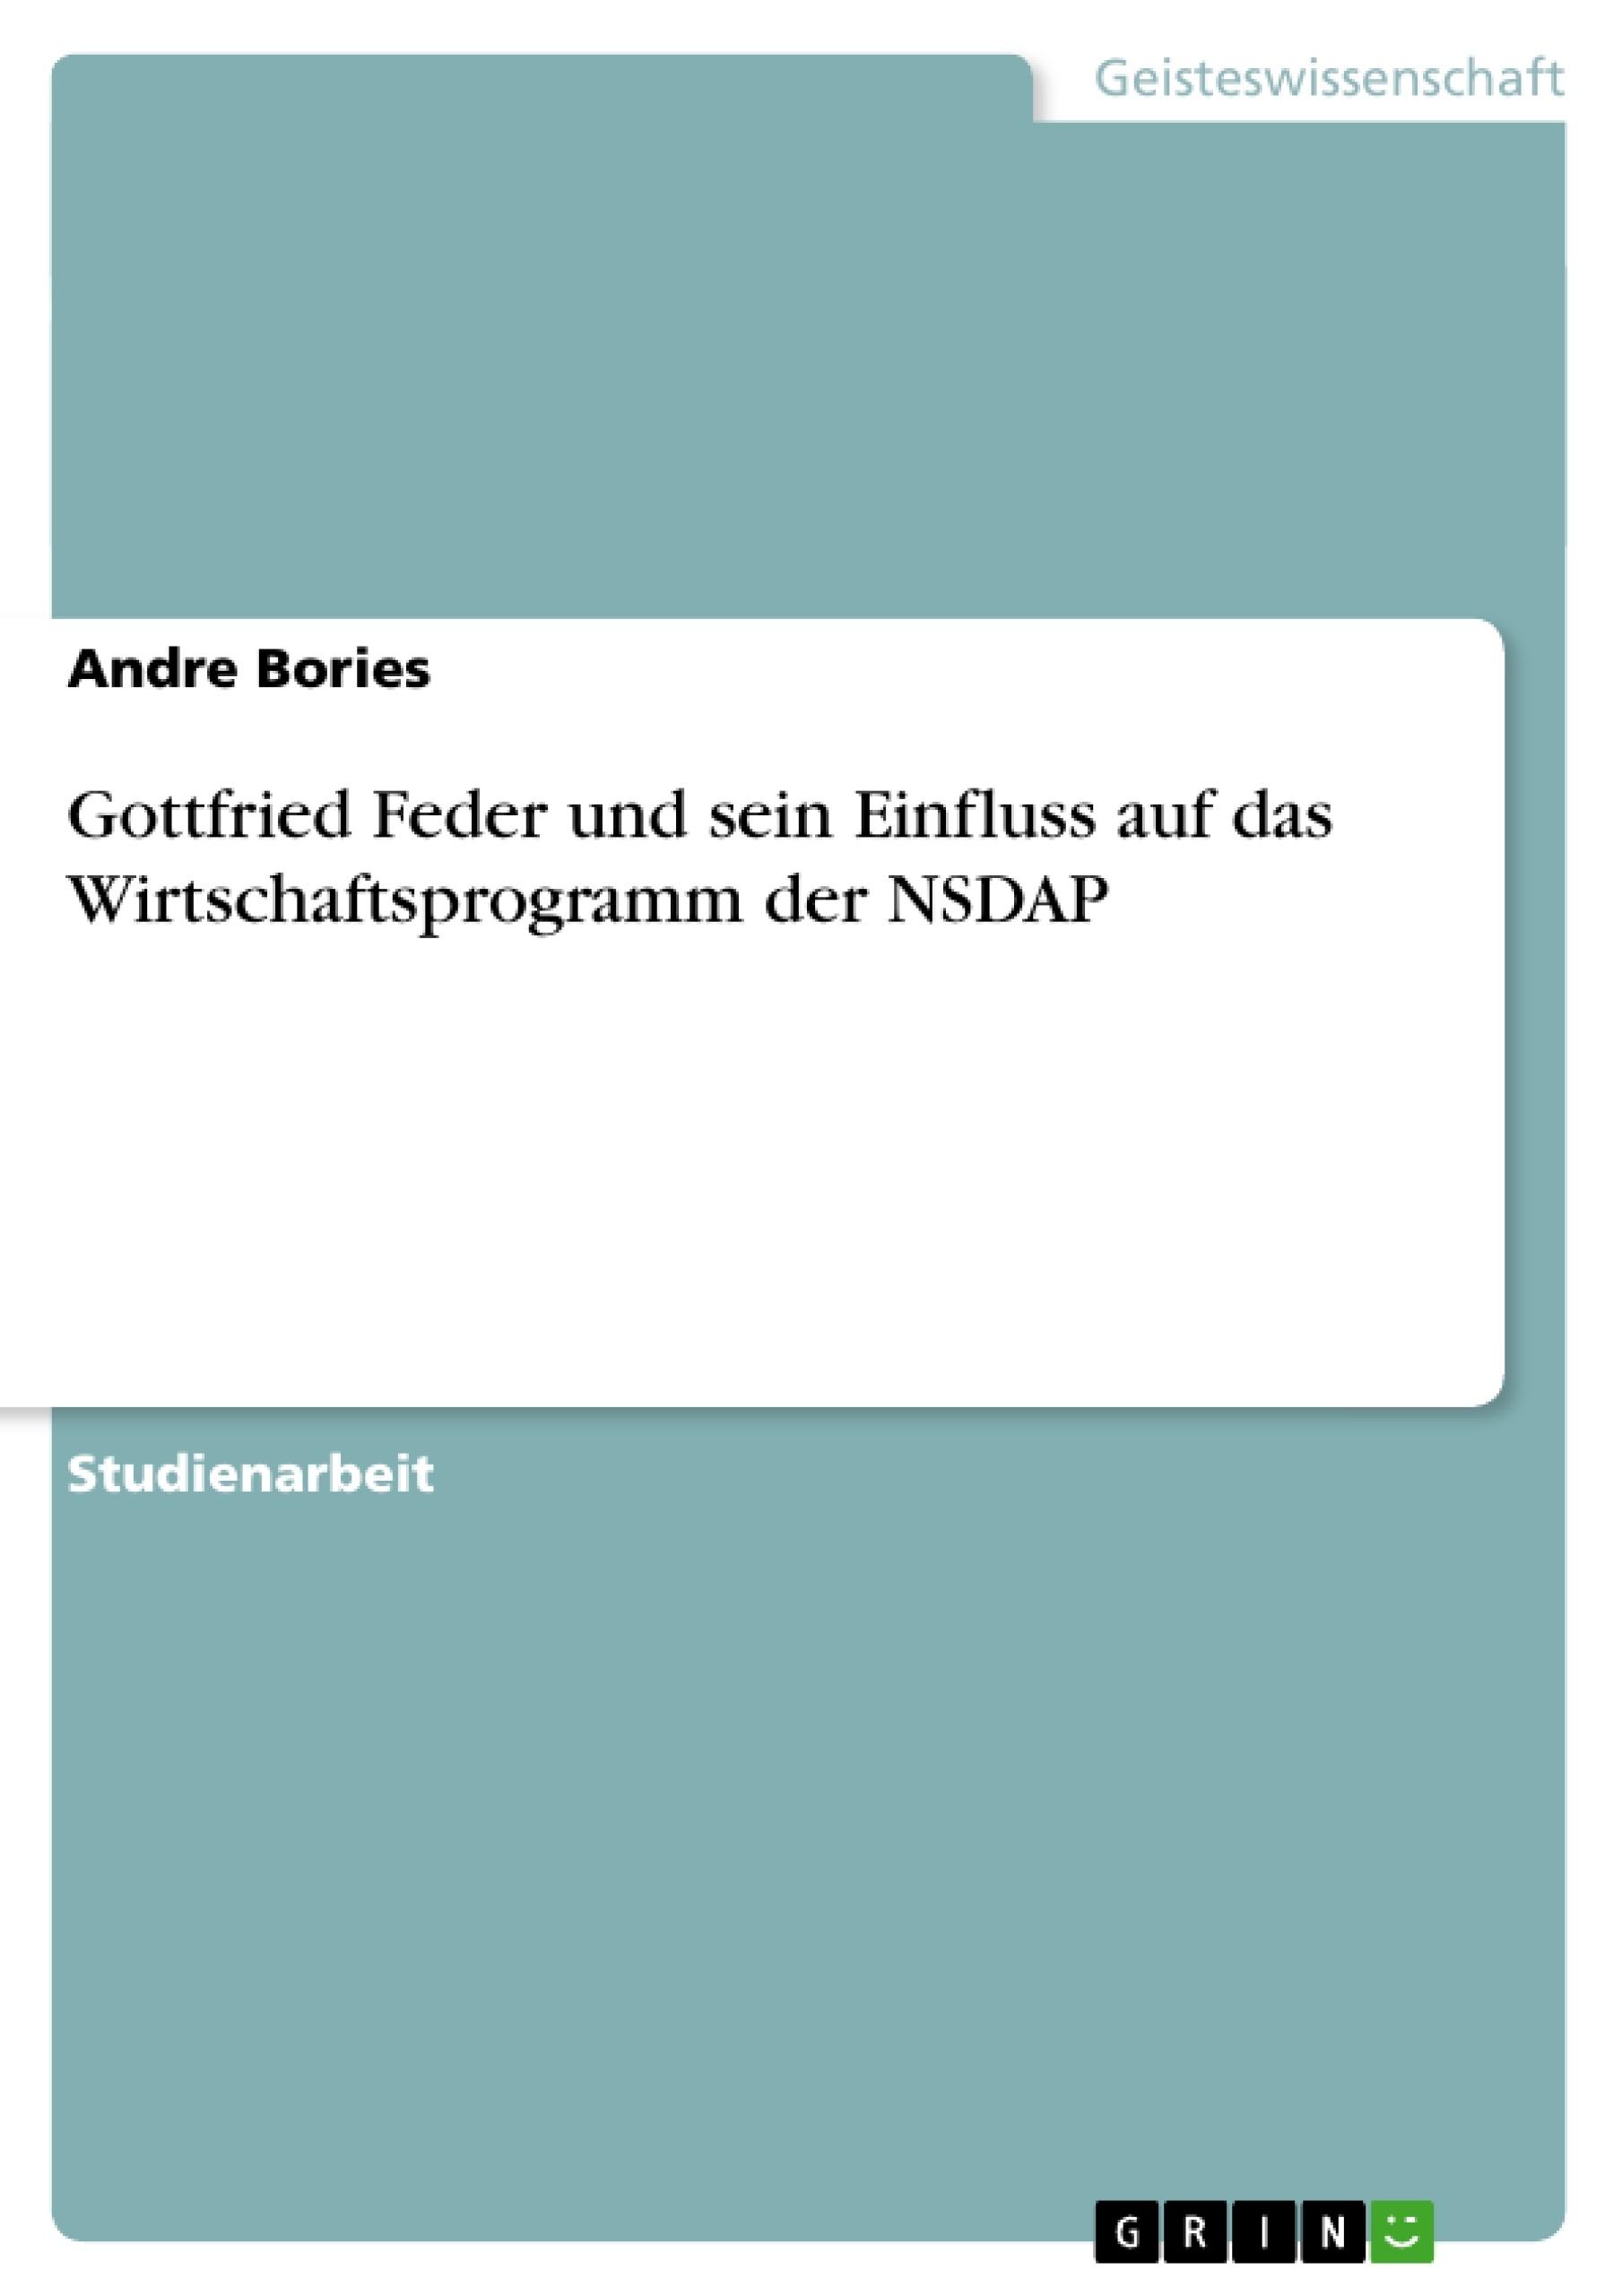 Titel: Gottfried Feder und sein Einfluss auf das Wirtschaftsprogramm der NSDAP